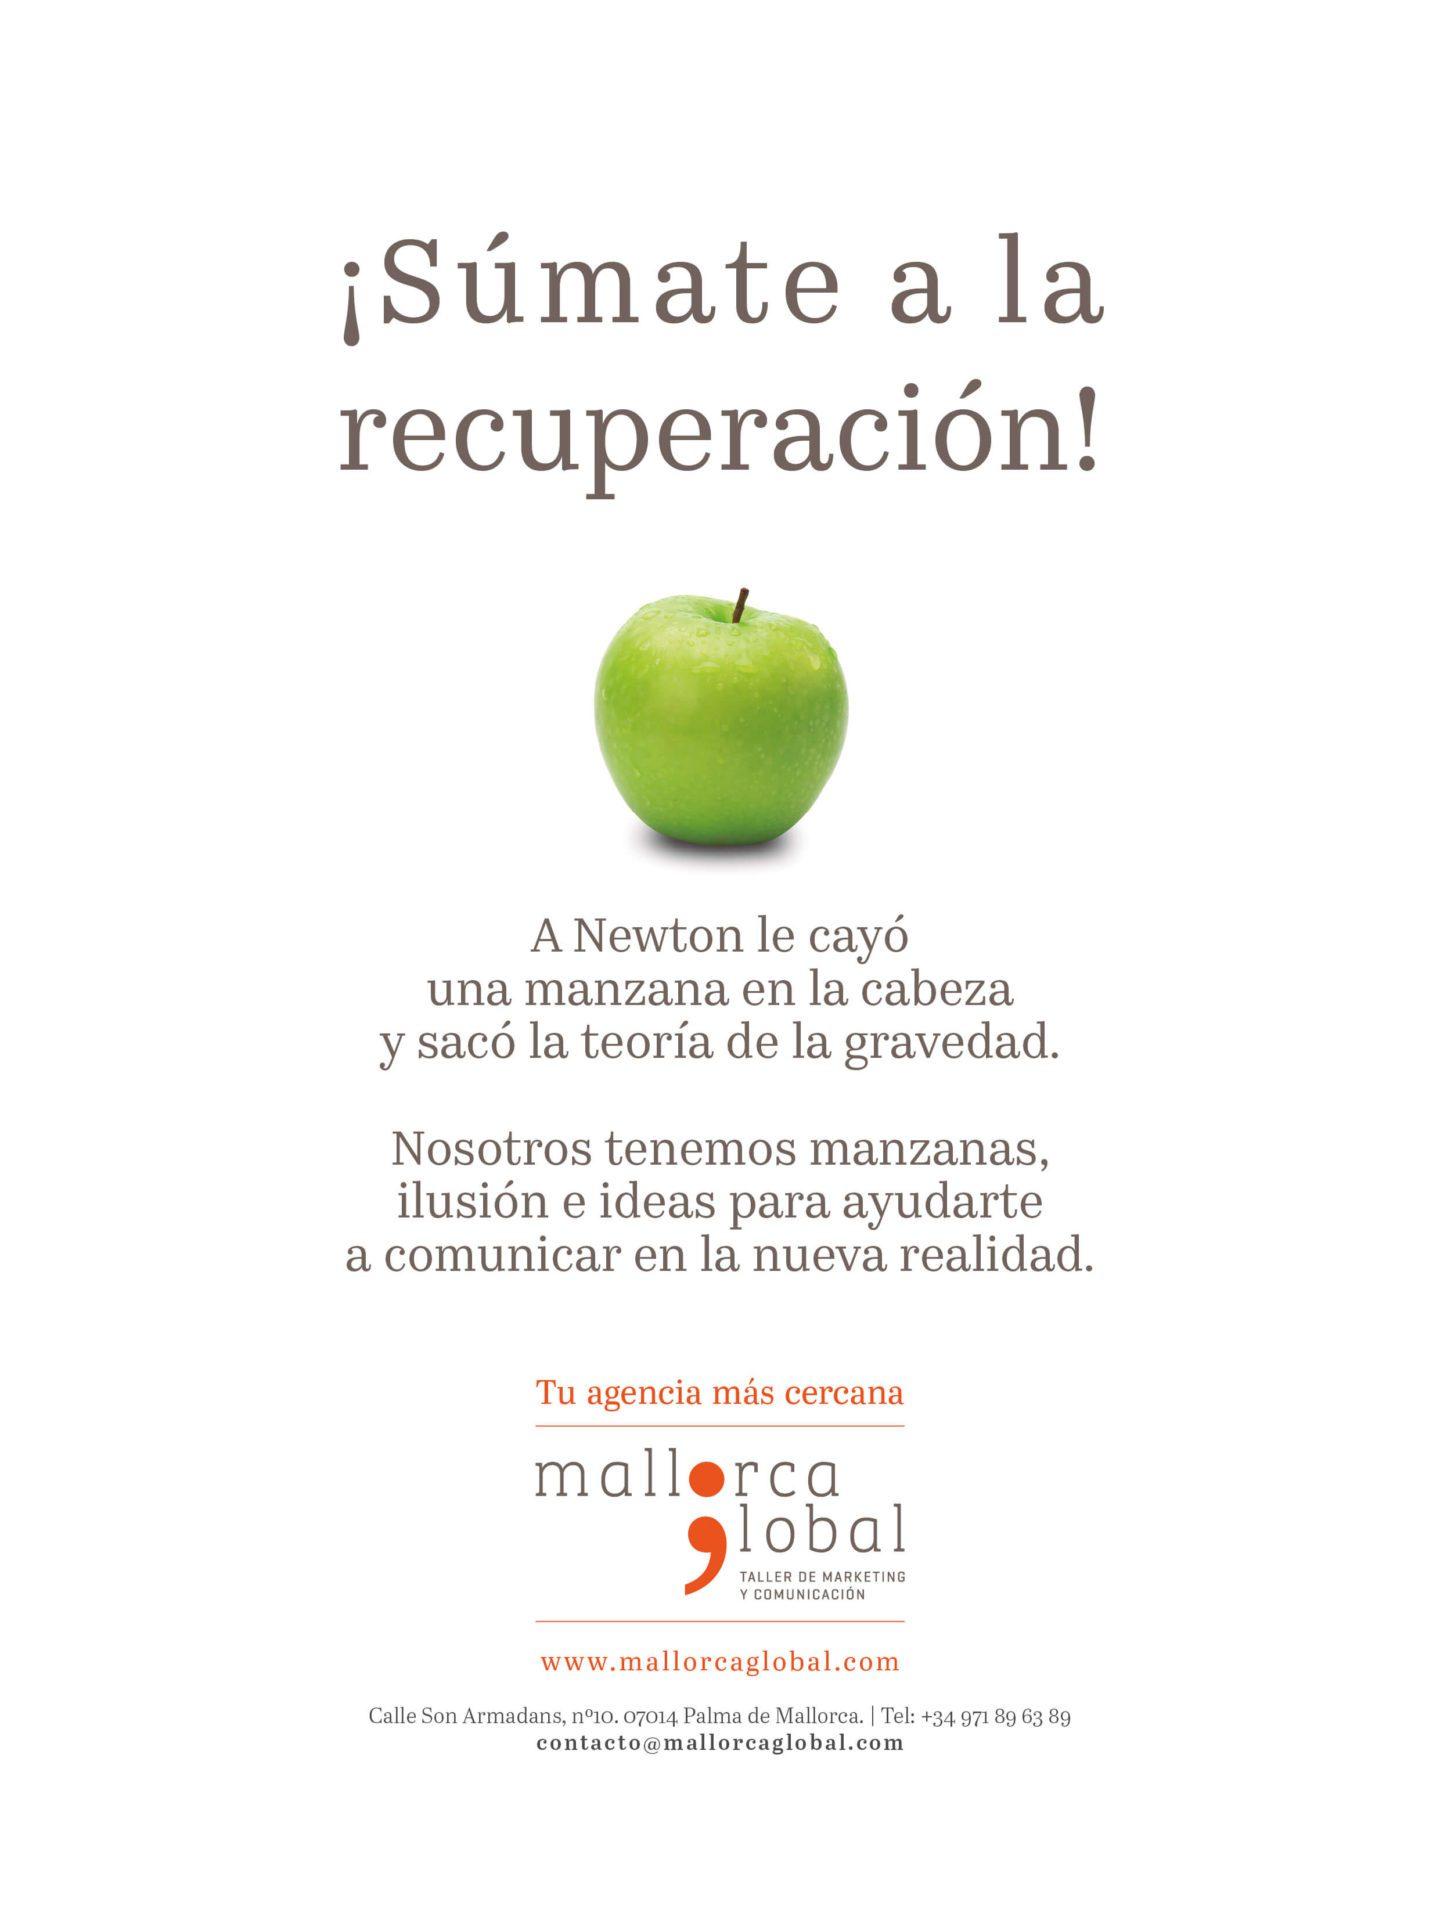 Anuncio Mallorca Global